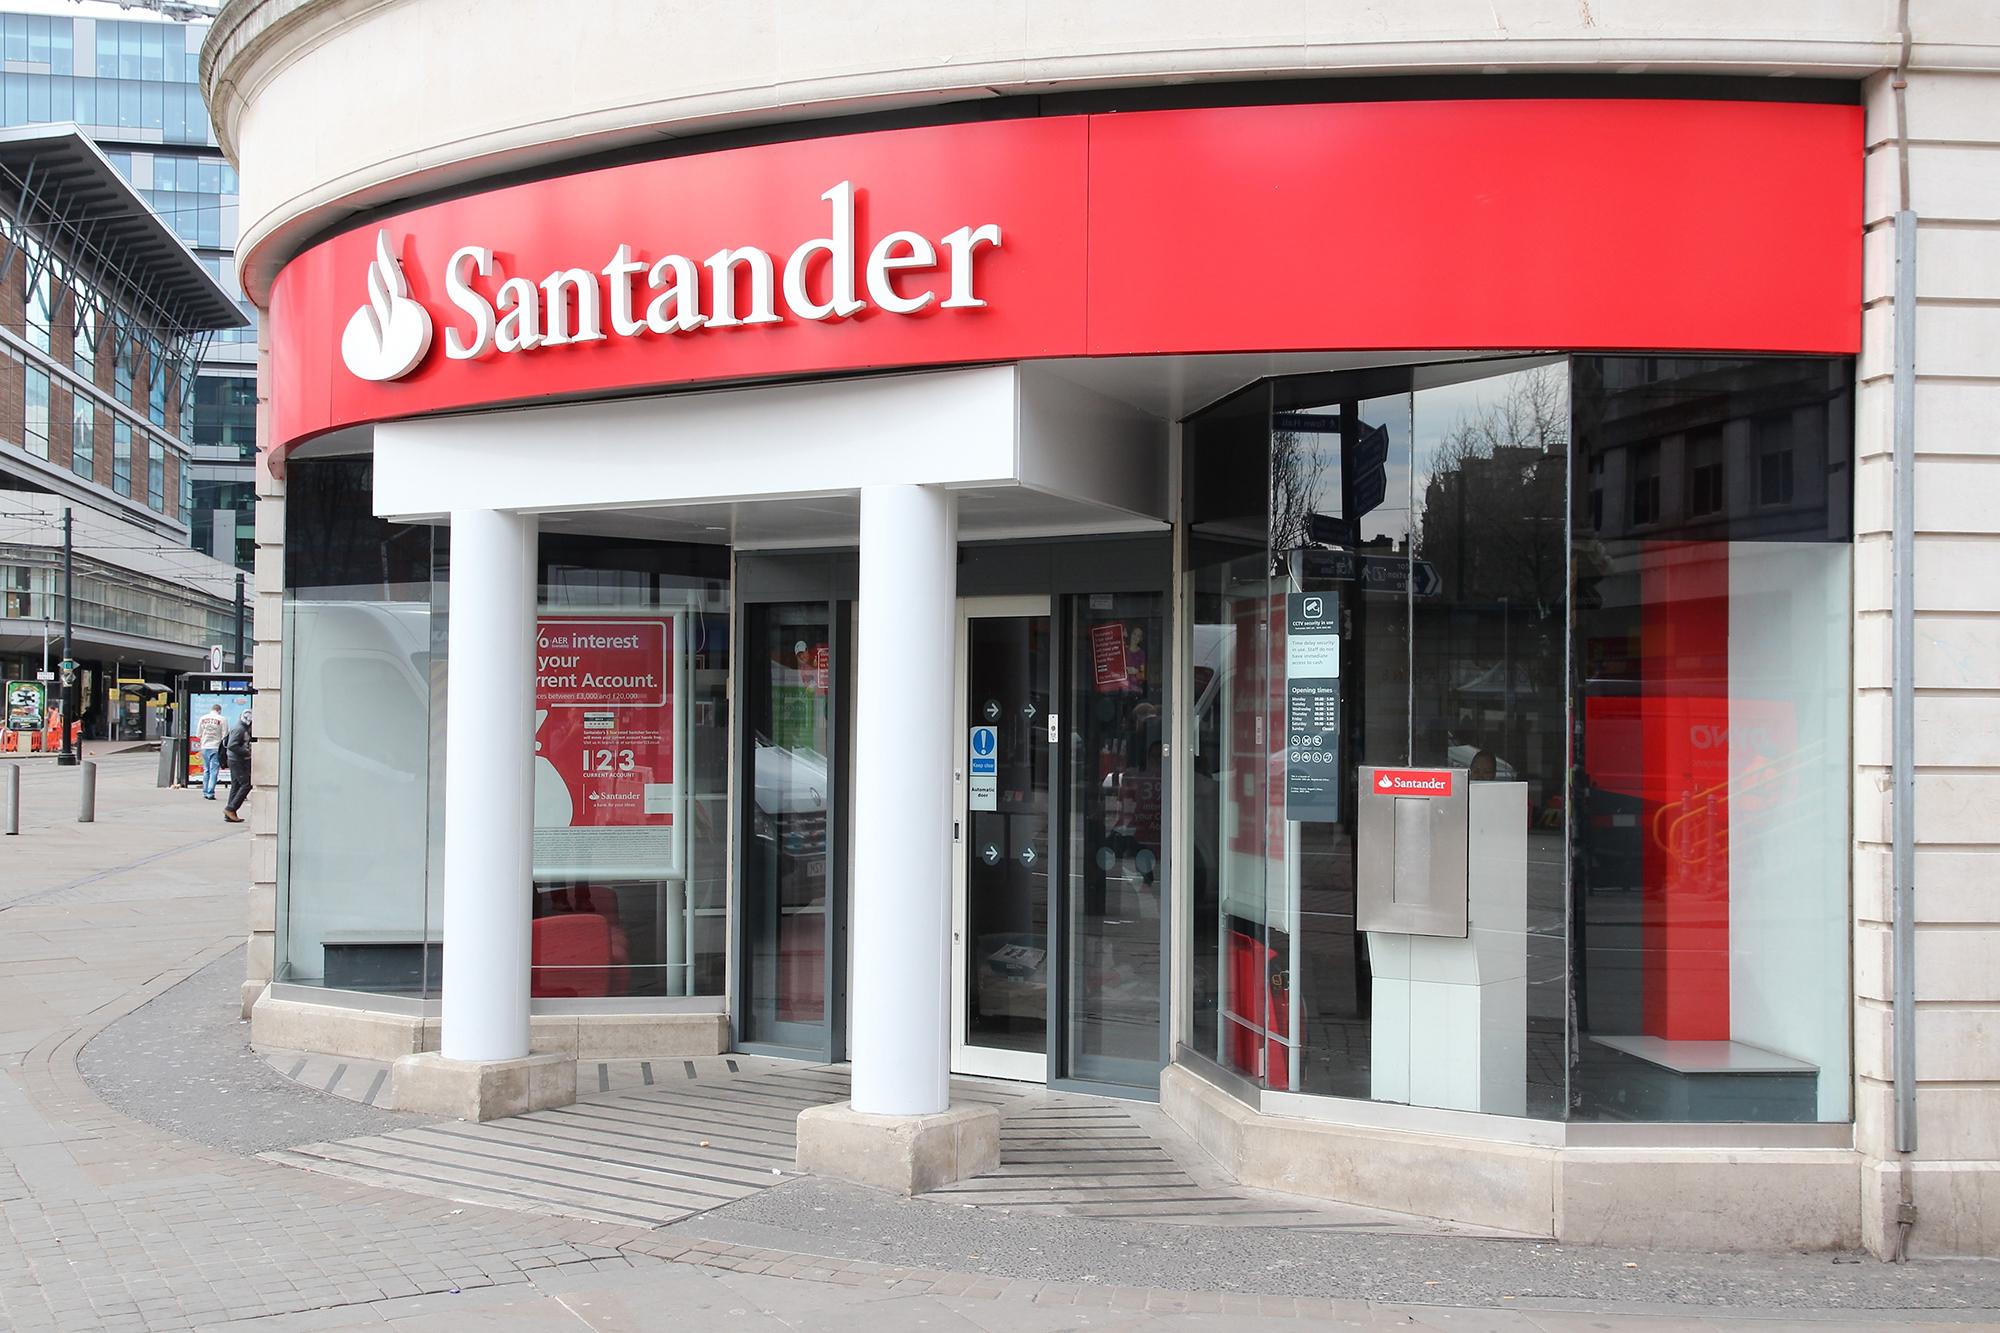 A Santander branch. (Image: Tupungato/Shutterstock)